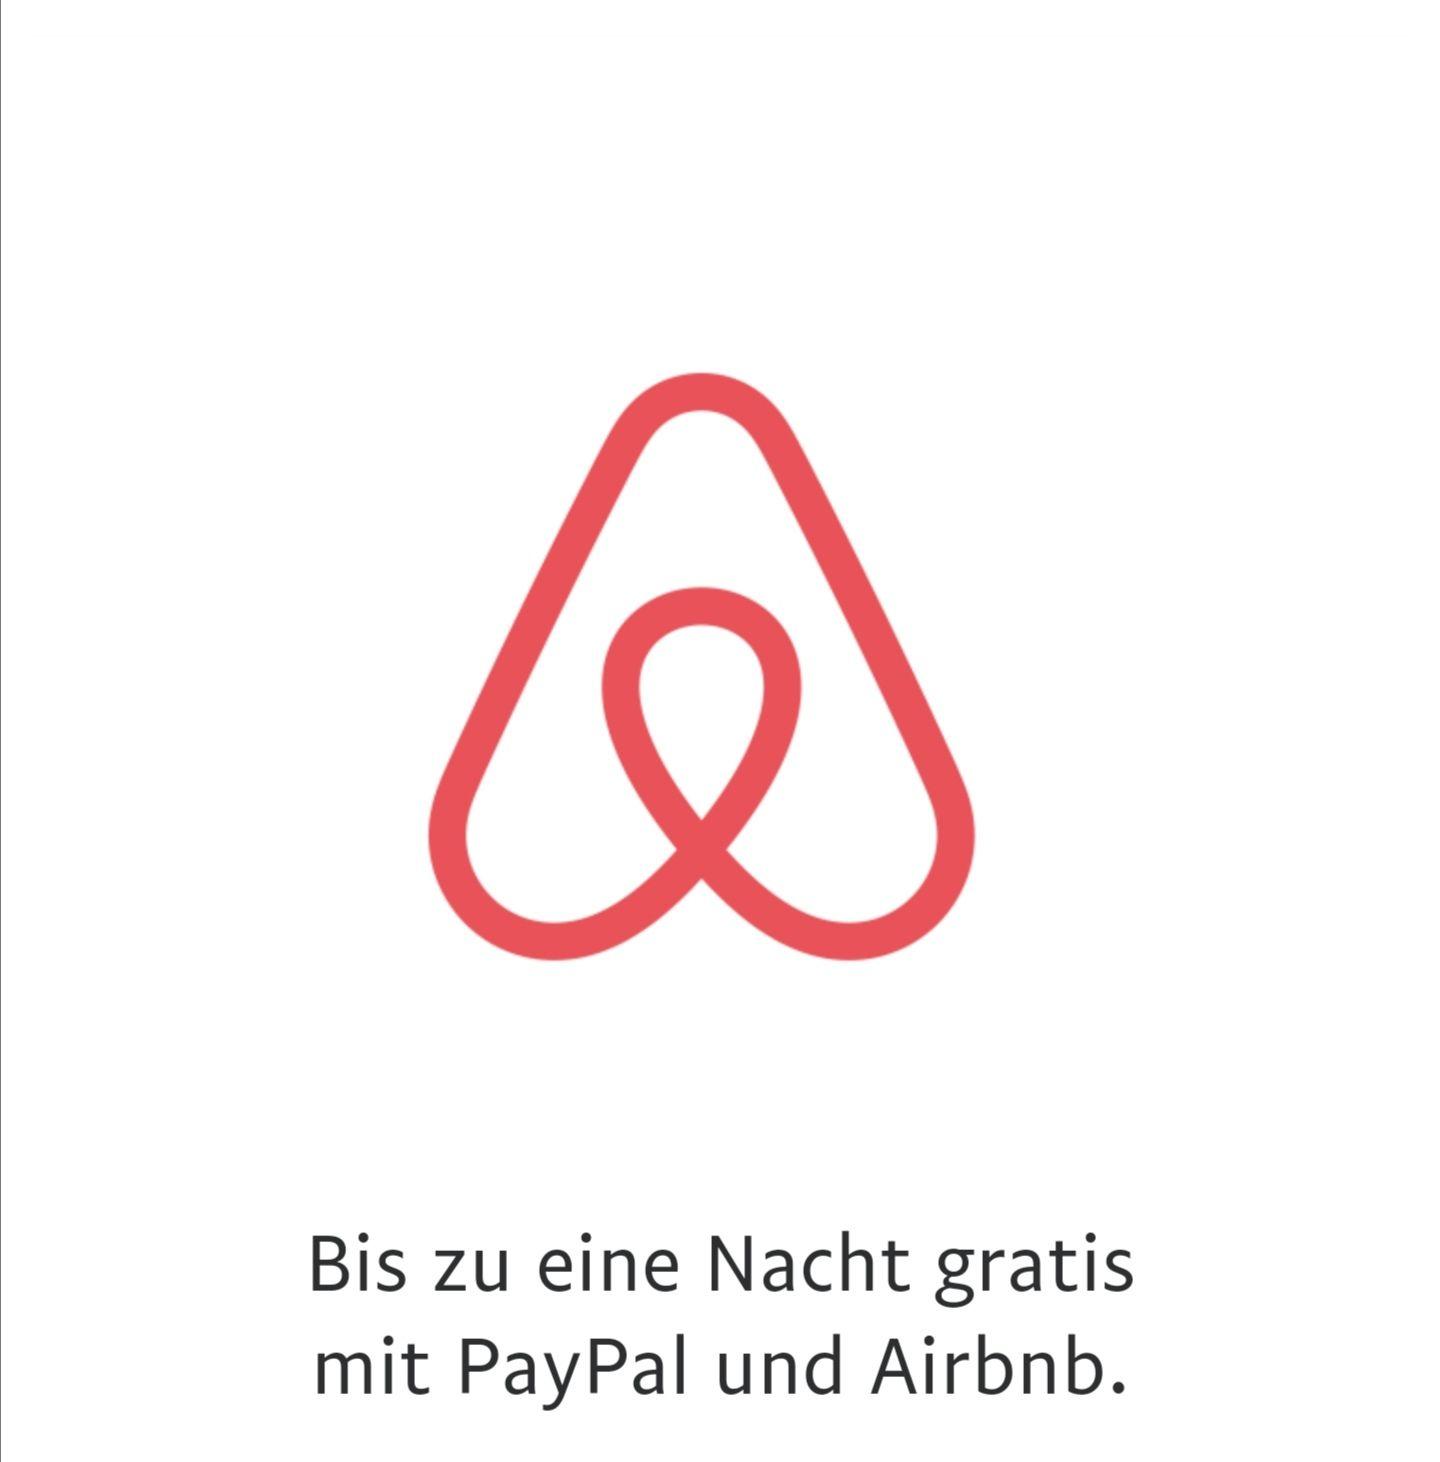 14 Tage buchen 13 Tage zahlen bis 65 Euro airbnb mit paypal